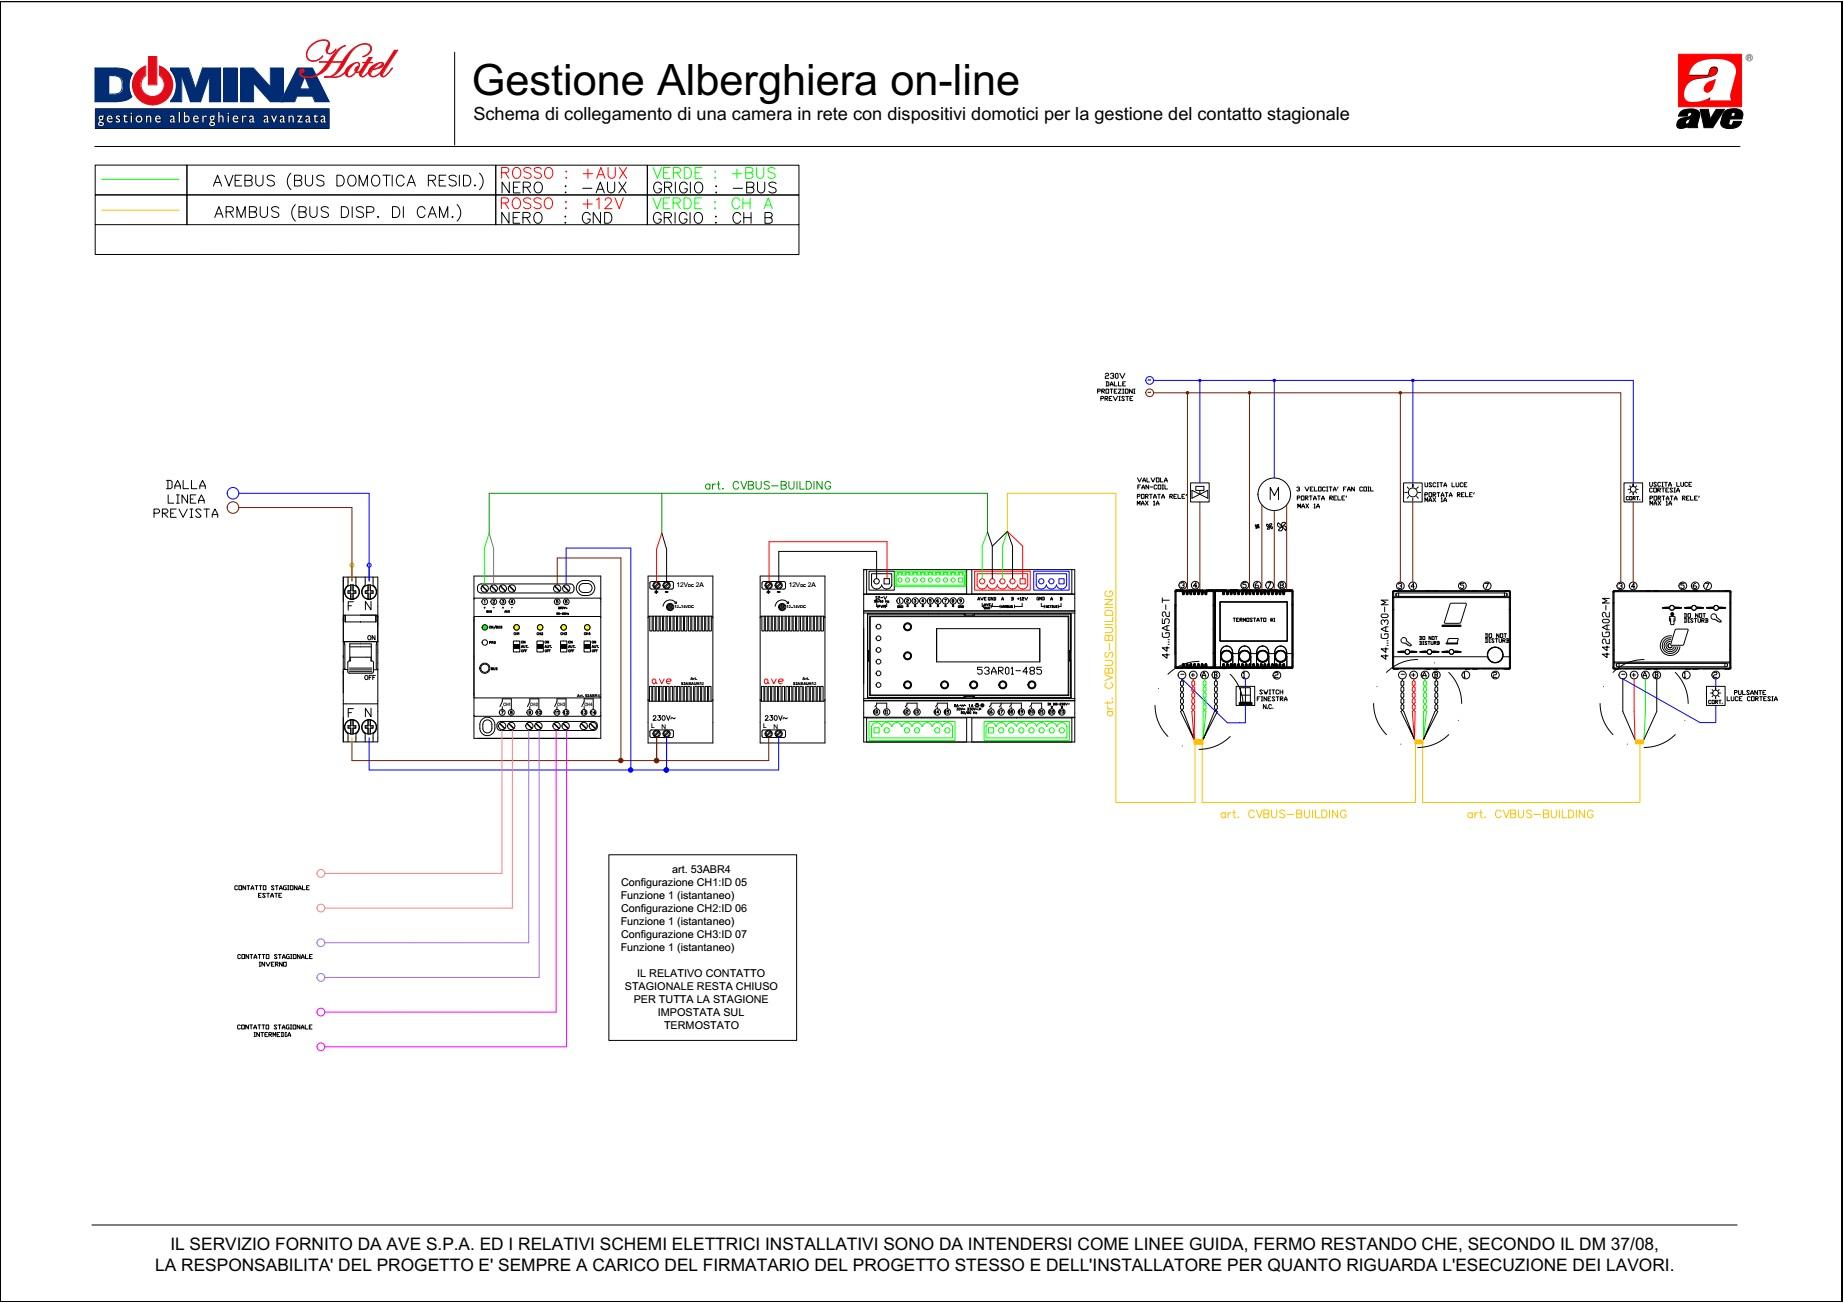 Gestione Alberghiera on-line - schema di collegamento contatti stagionali